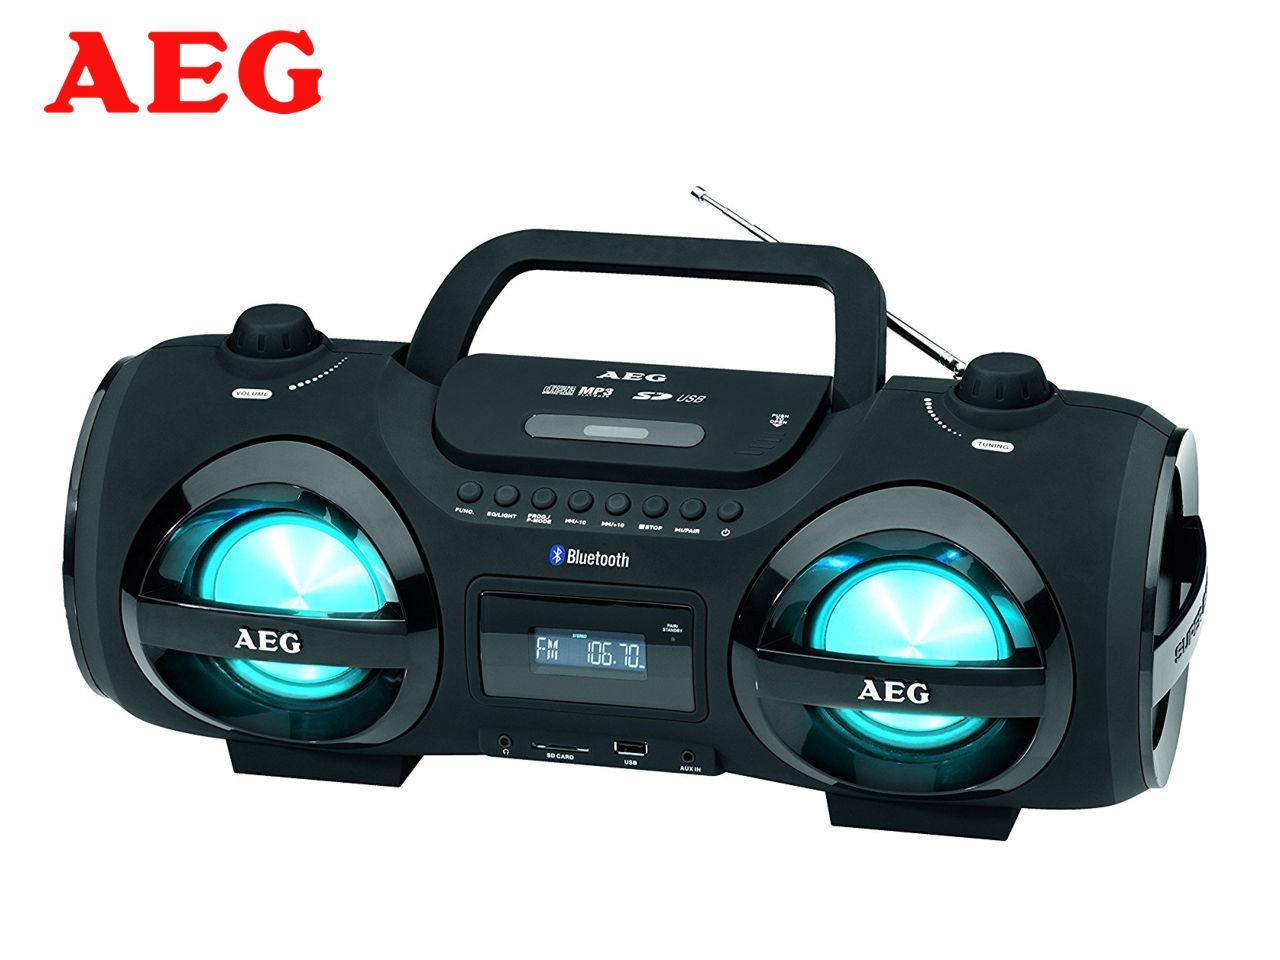 AEG SR 4359 BT